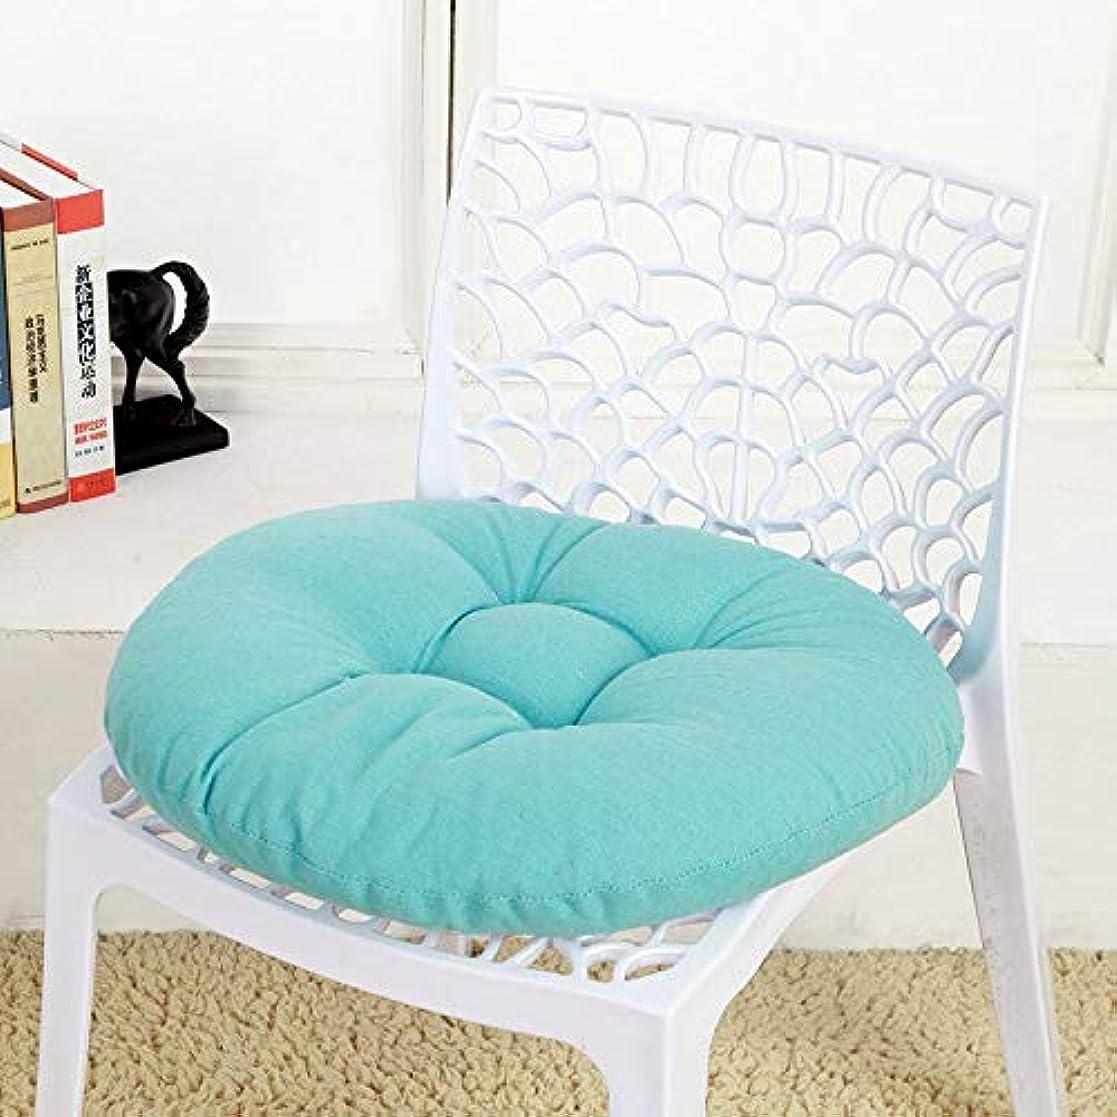 マエストロペグ男LIFE キャンディカラーのクッションラウンドシートクッション波ウィンドウシートクッションクッション家の装飾パッドラウンド枕シート枕椅子座る枕 クッション 椅子